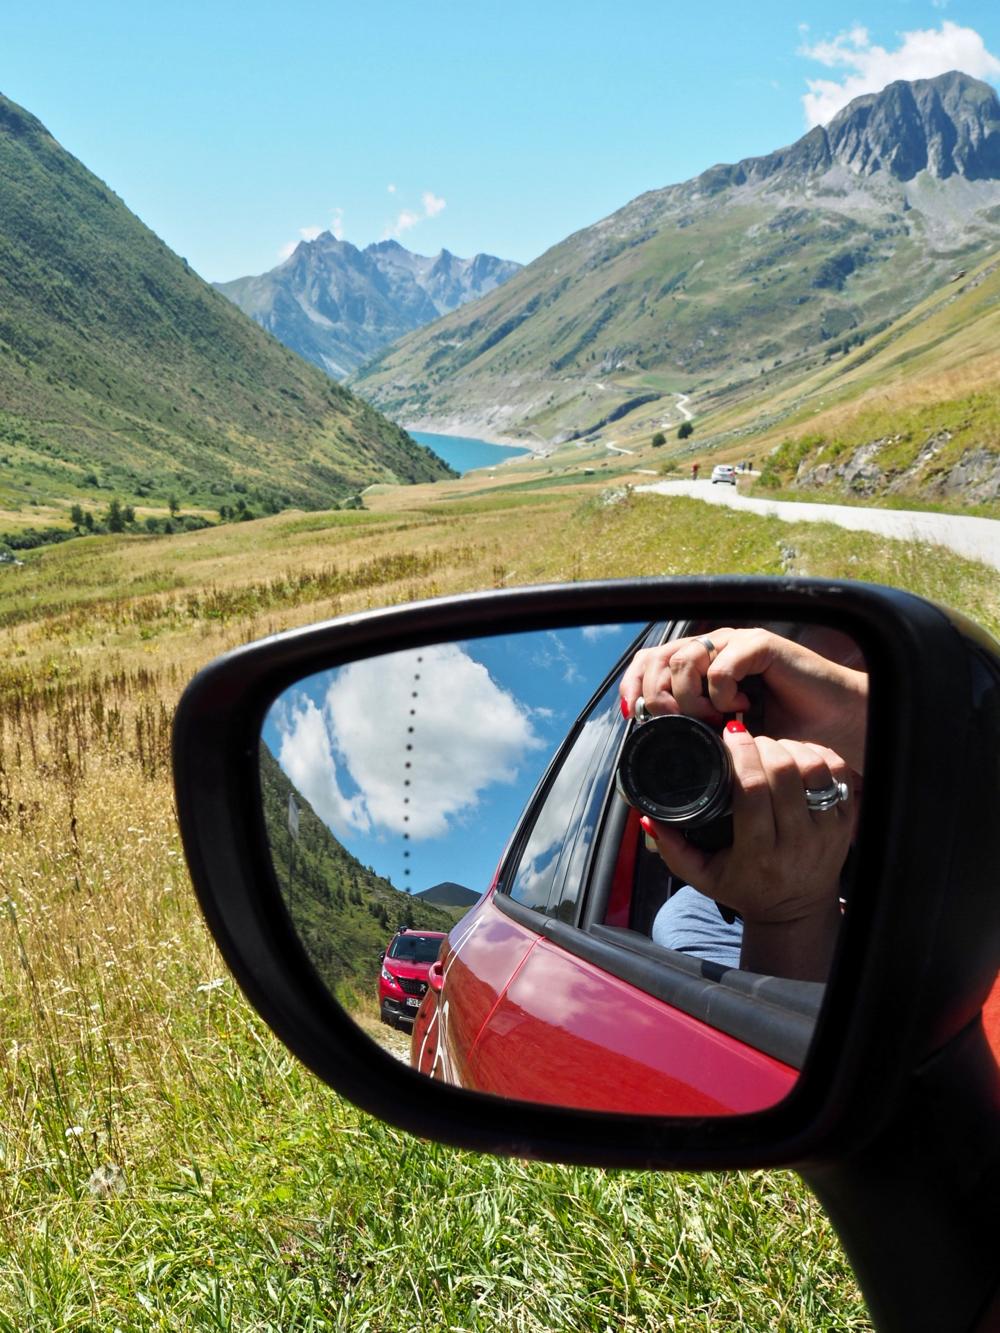 Autospiegel met het decor van de bergwereld erin. Op de achtergrond een stuwmeer